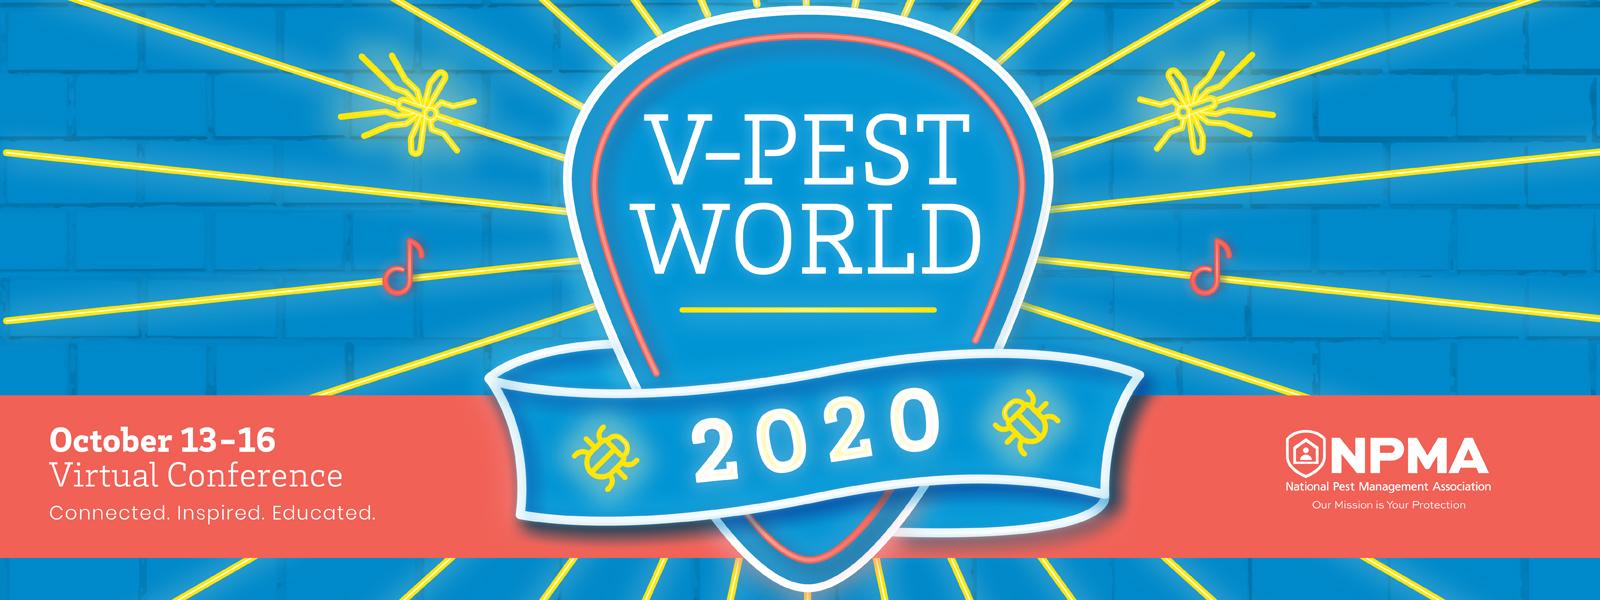 vpest world